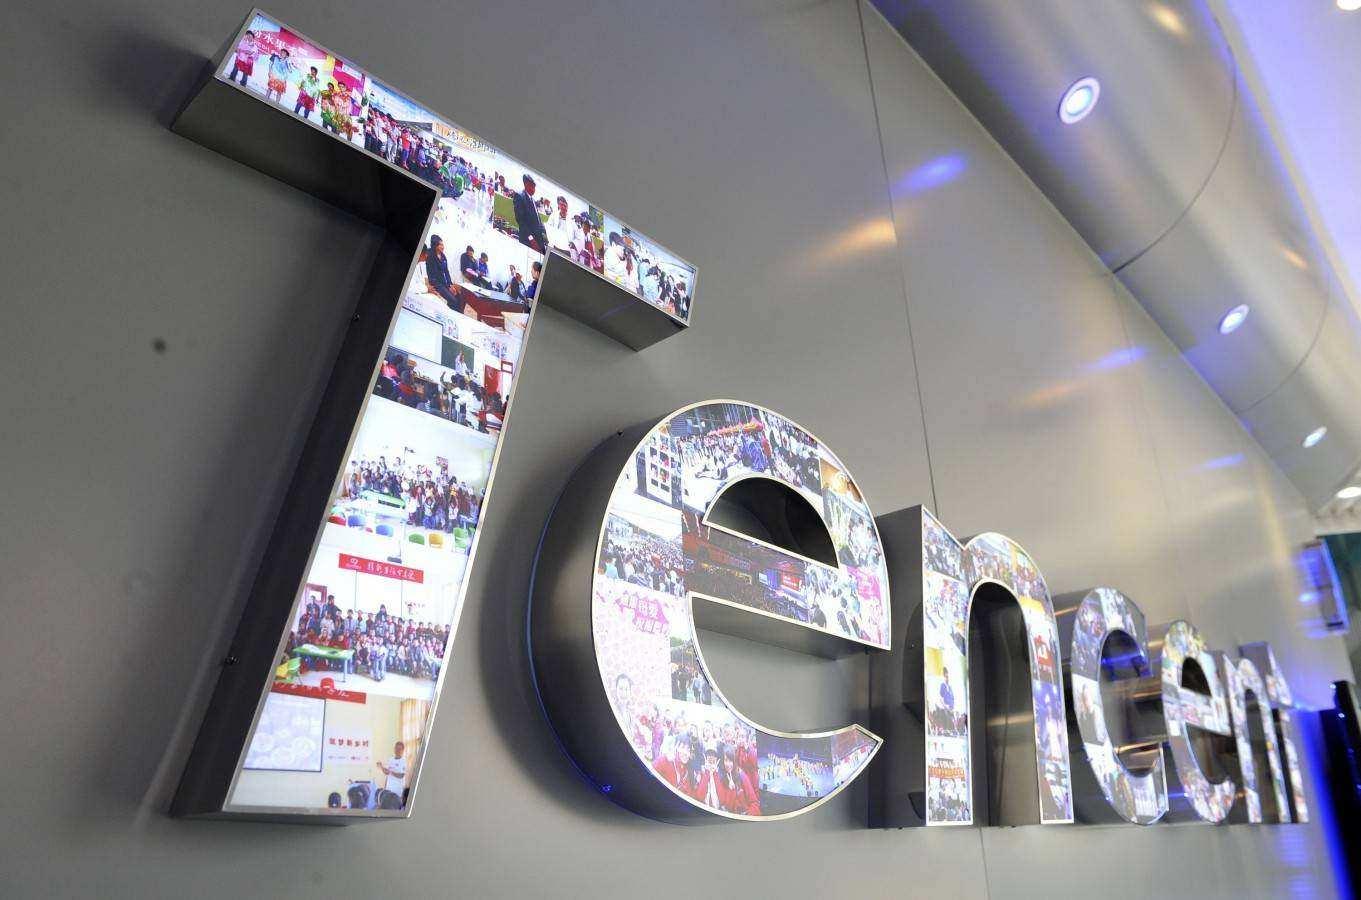 ZNDS周报 小米最快7月初正式挂牌;阿里钉钉或入局短视频